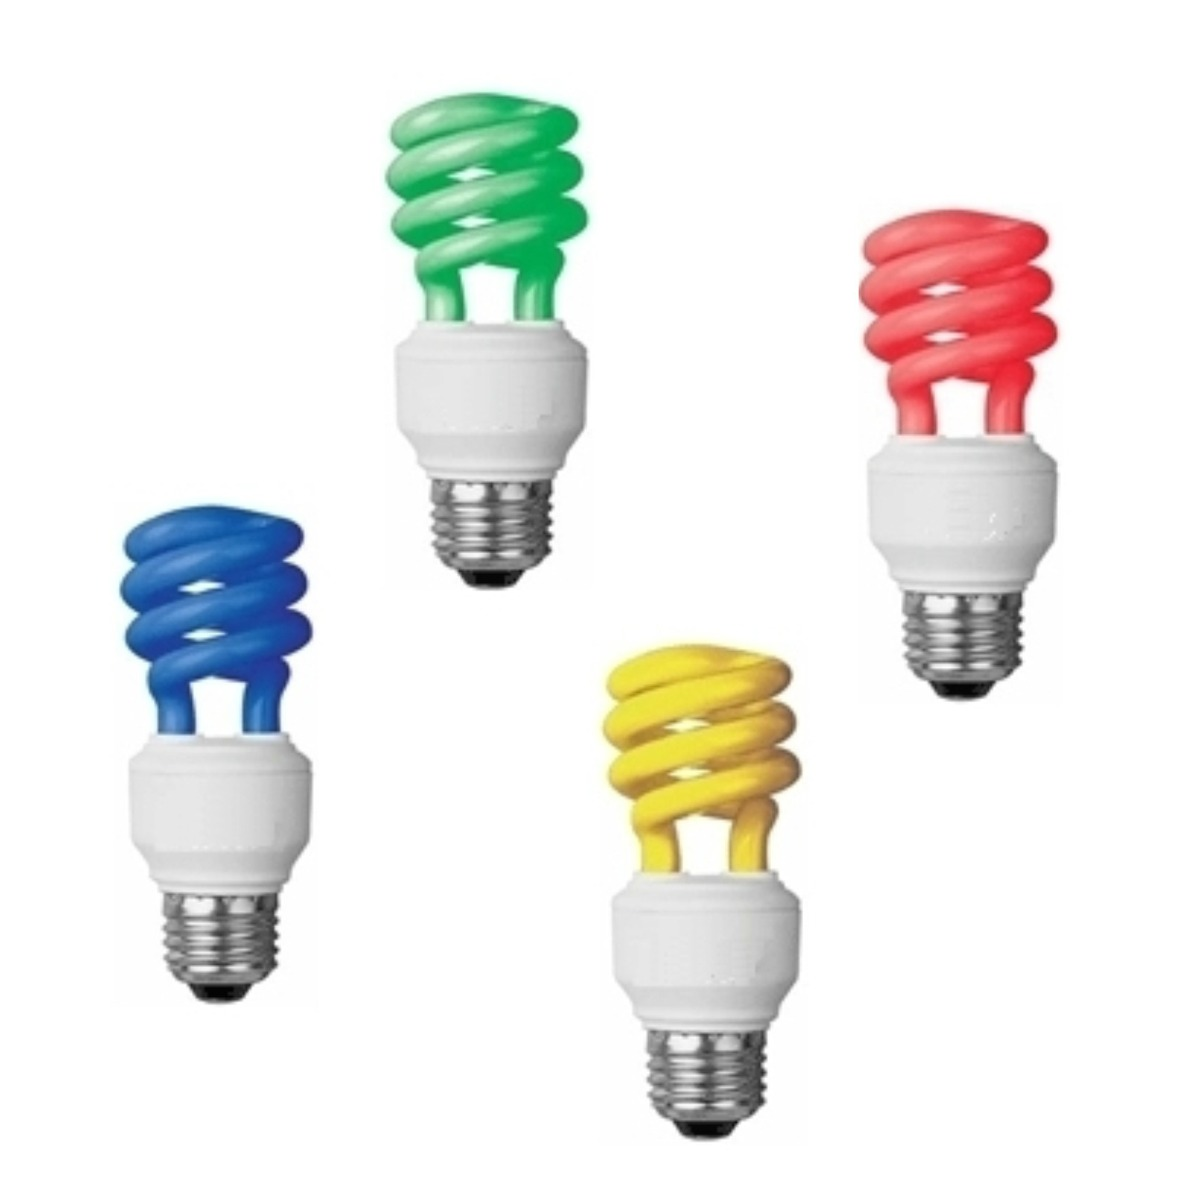 lamparas de bajo consumo para baño ~ dikidu.com - Lamparas De Bajo Consumo Para Bano